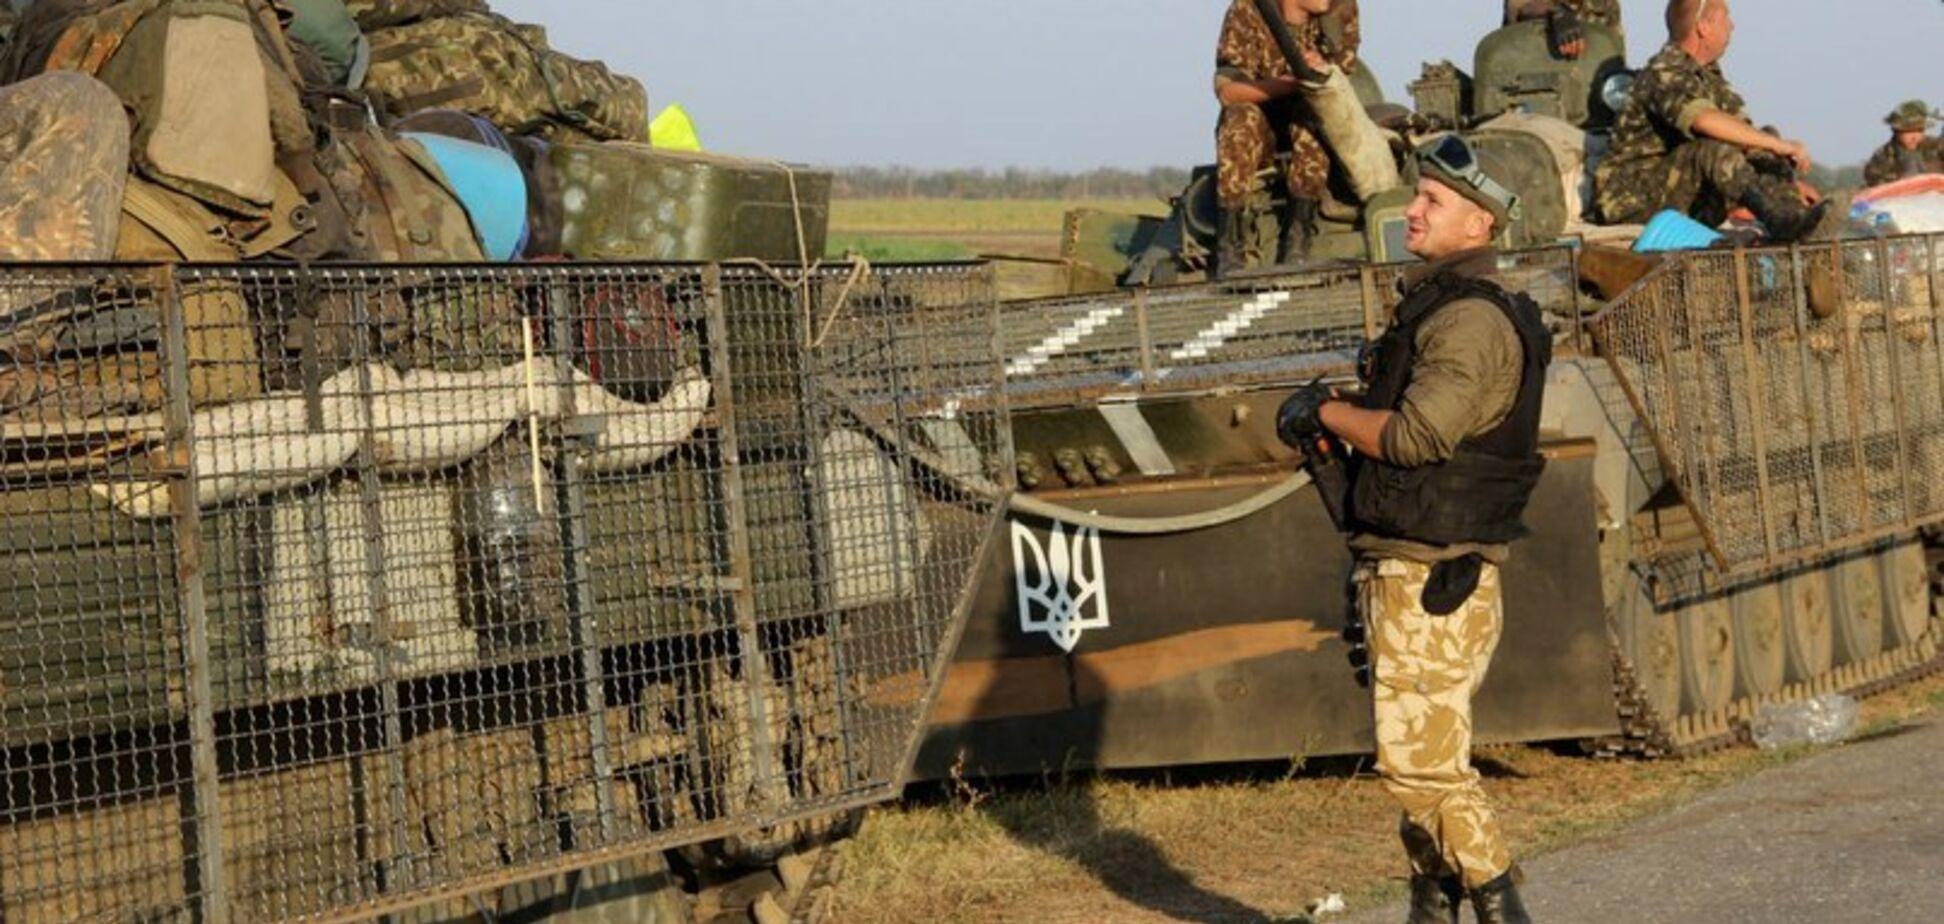 Керує нардеп? Волонтер розповів про кричущі проблеми в лавах ЗСУ на Донбасі